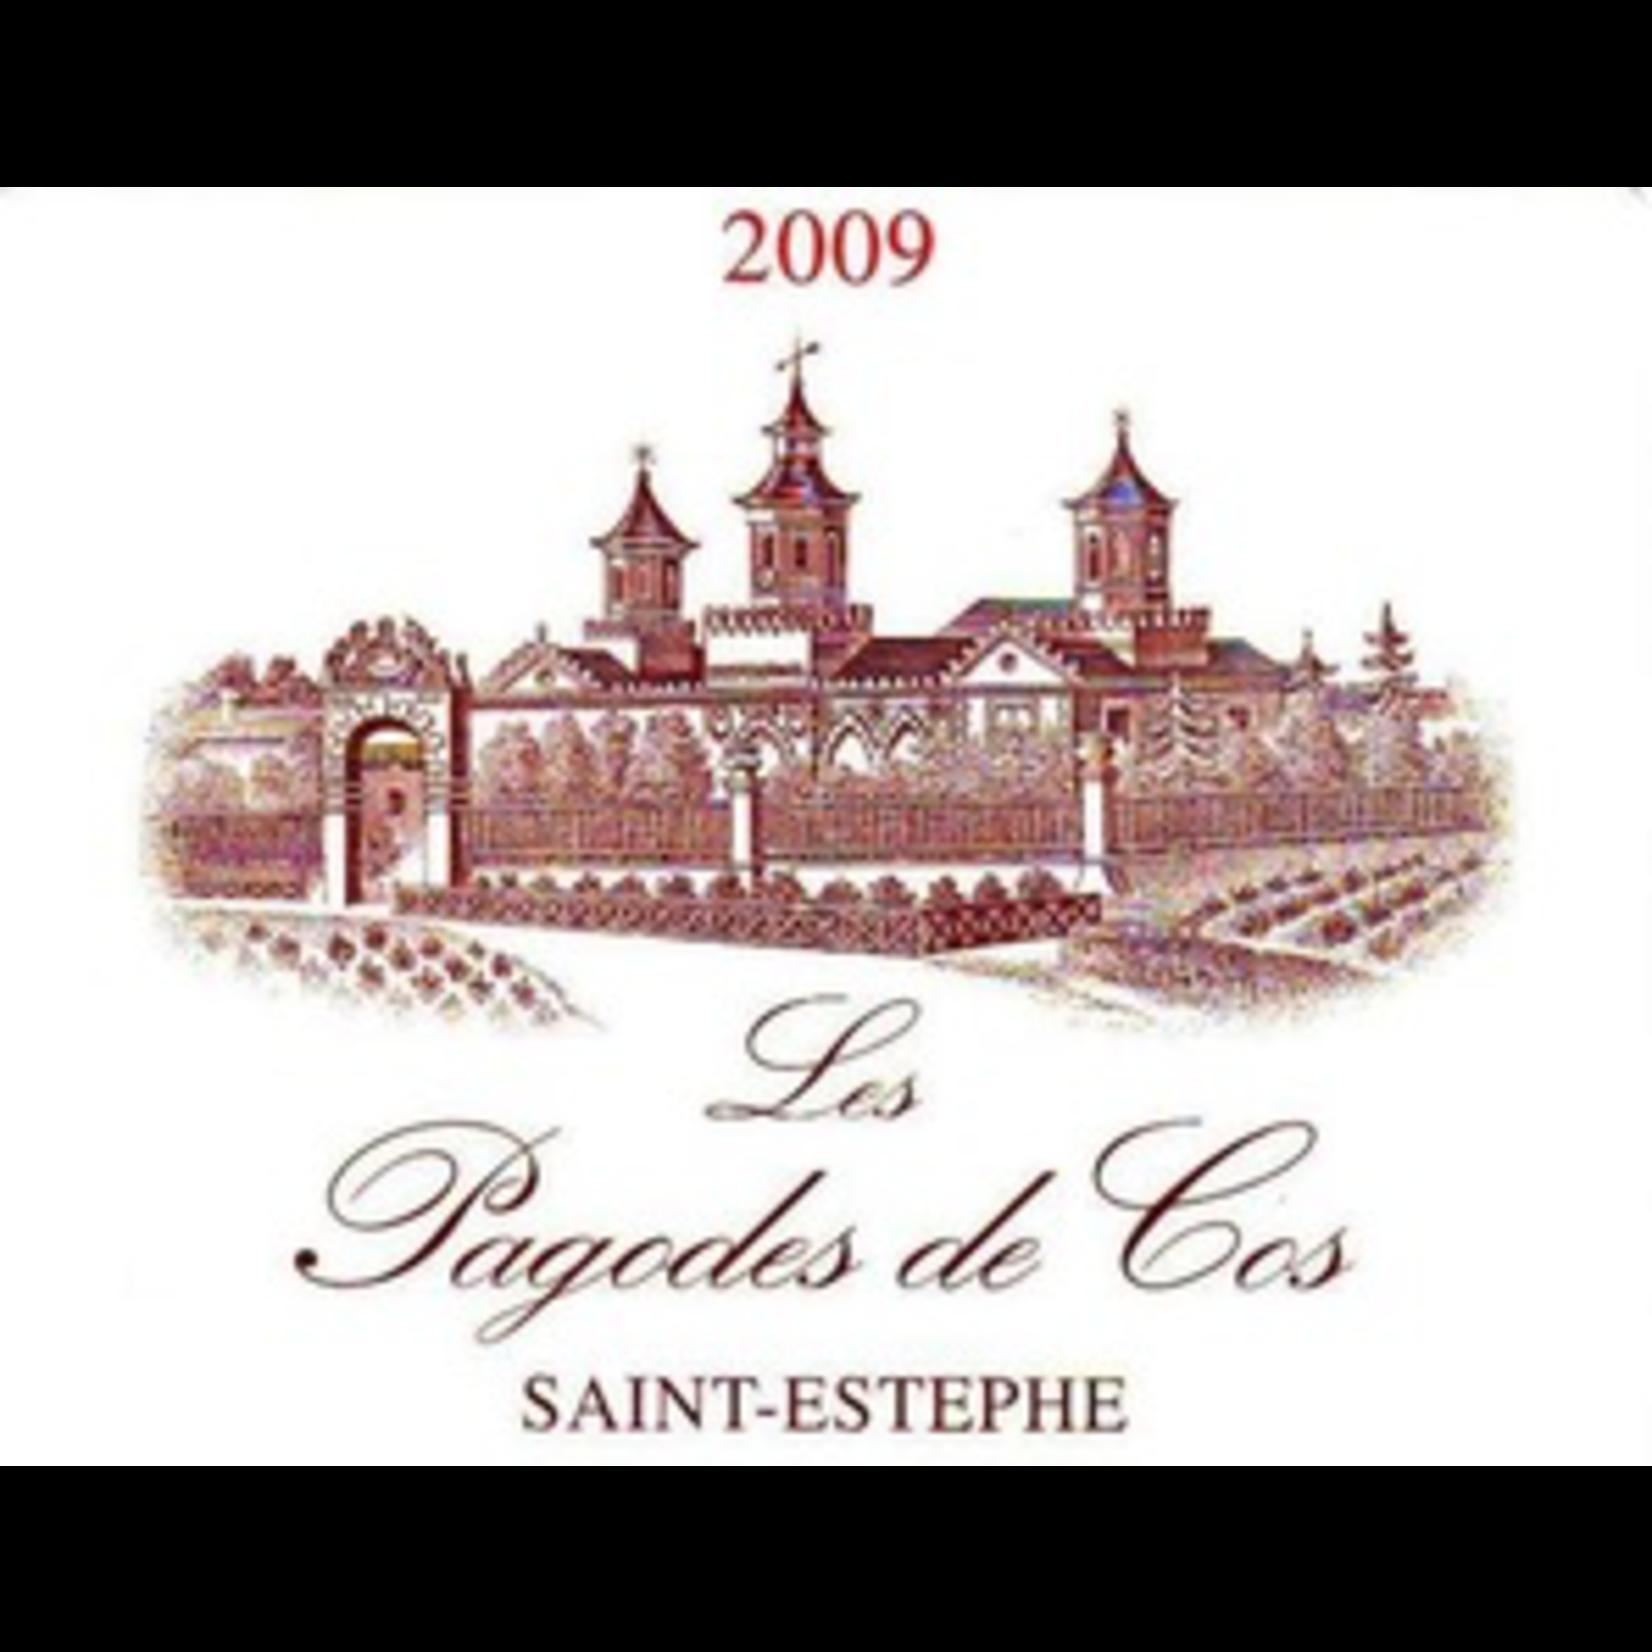 Wine Les Pagodes de Cos 2009